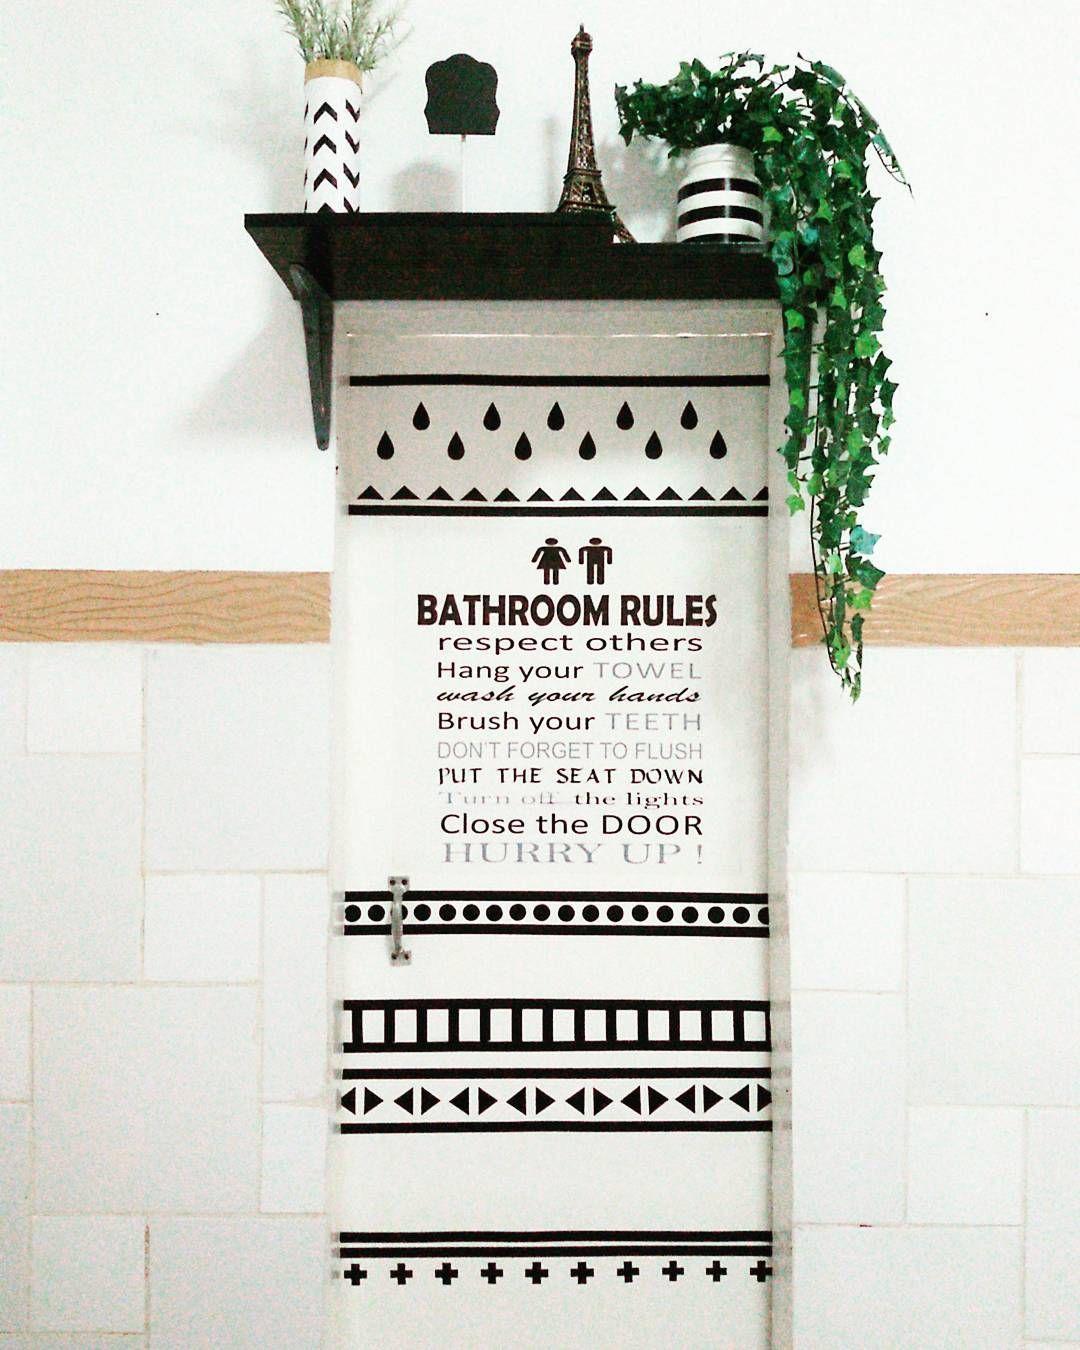 dekorasi pintu kamar mandi yang keren banget lagi ngetrend